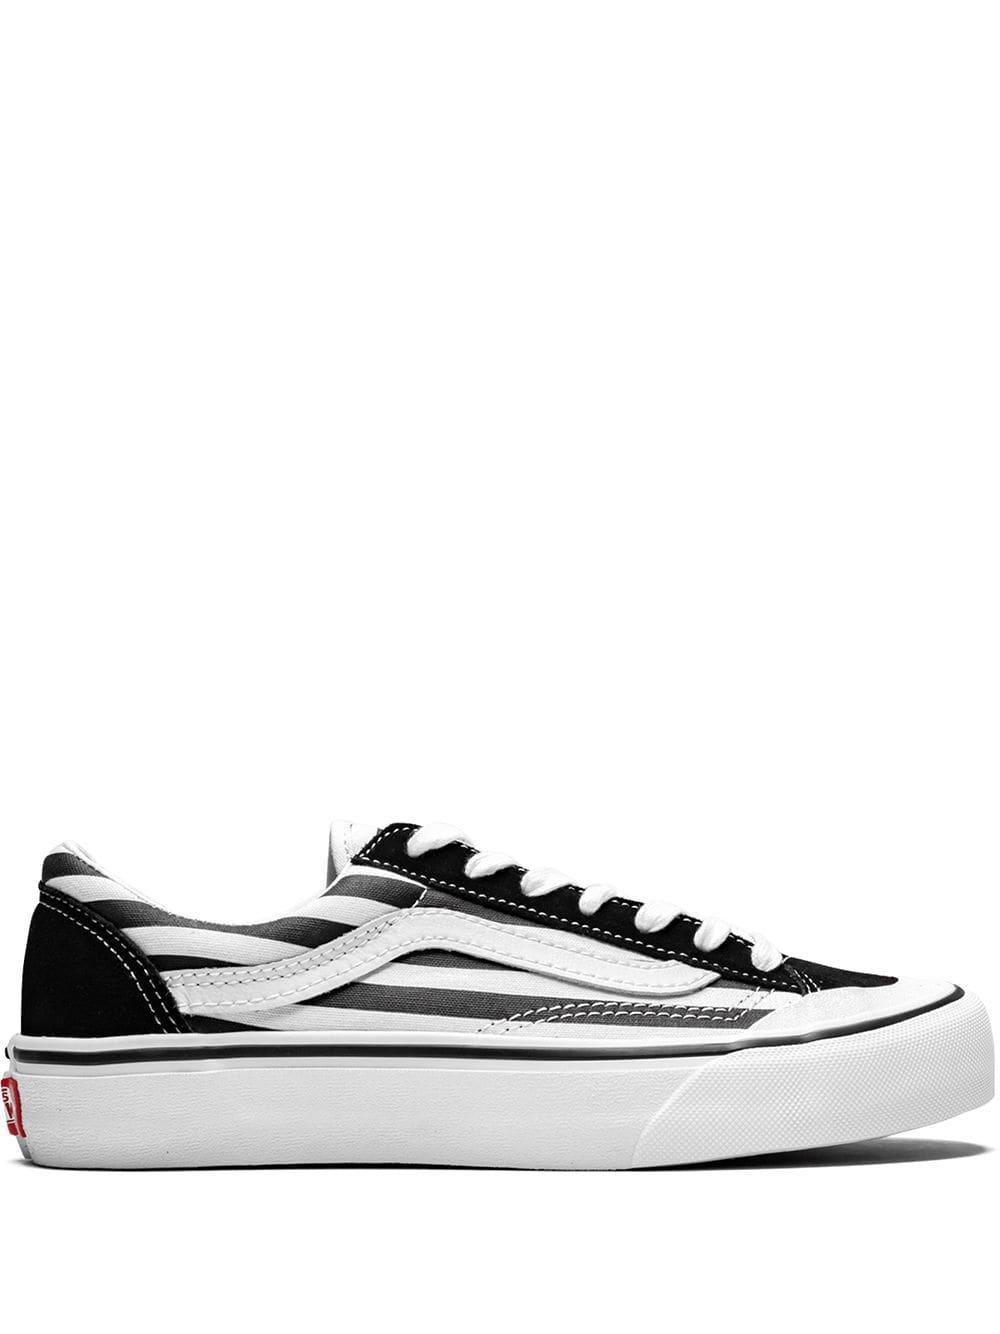 Vans Flame Style 36 Sf Sneakers in